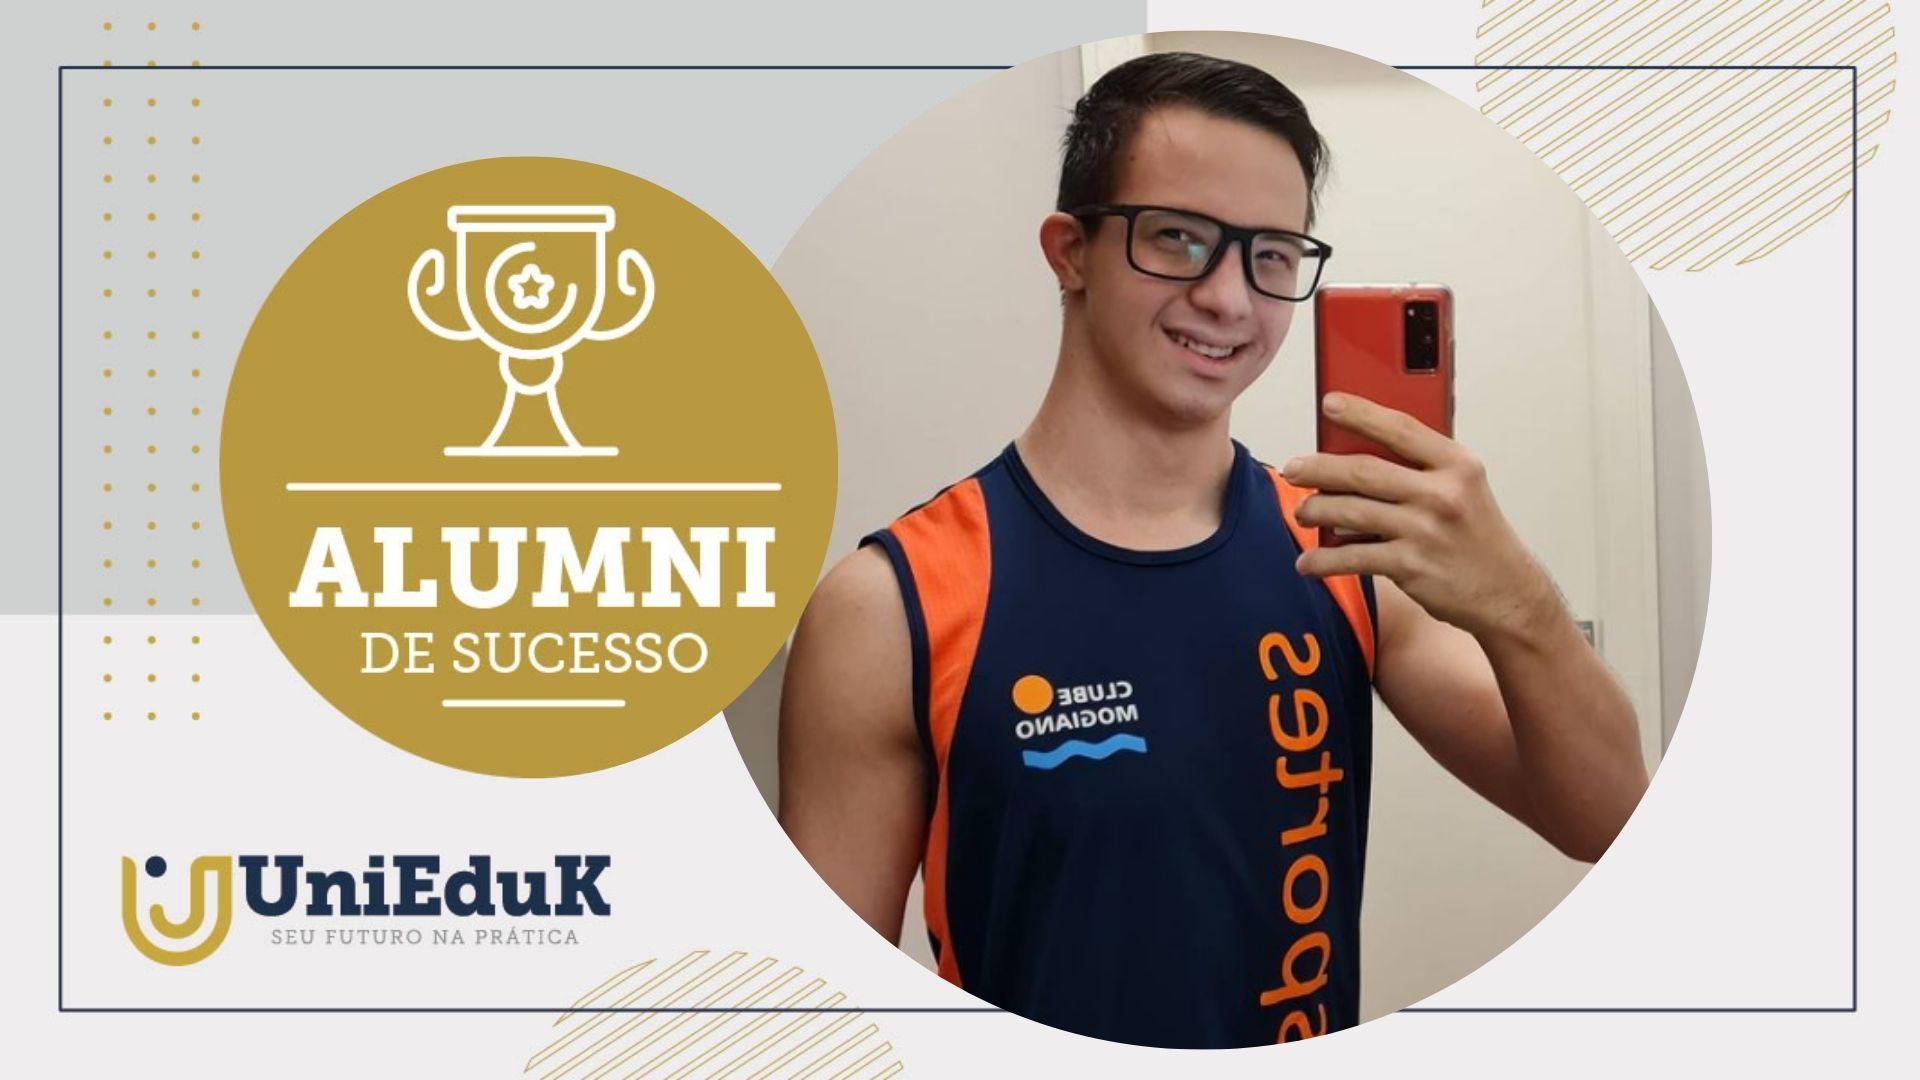 Imagem traz uma foto do alumni Marcelo Christofoletti Meneghini, funcionário do Clube Mogiano, e a moldura do Grupo UniEduK.